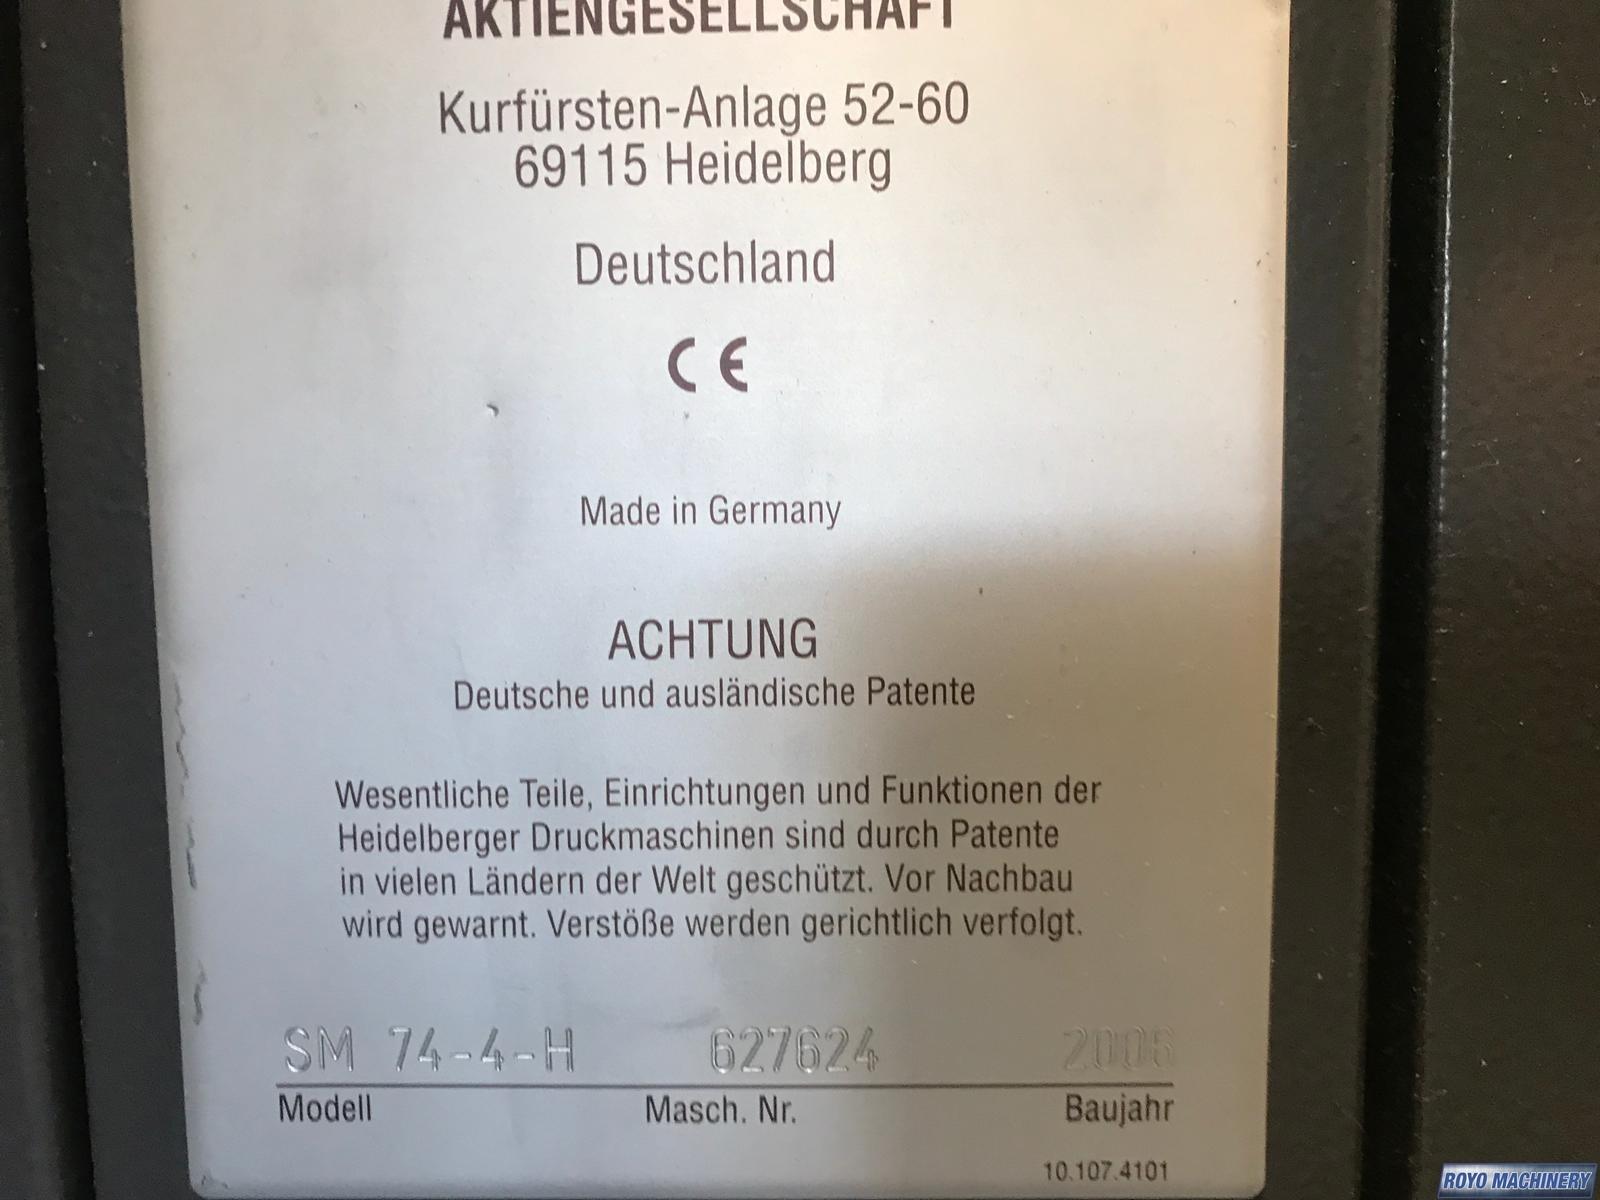 Heidelberg Speedmaster SM 74-4